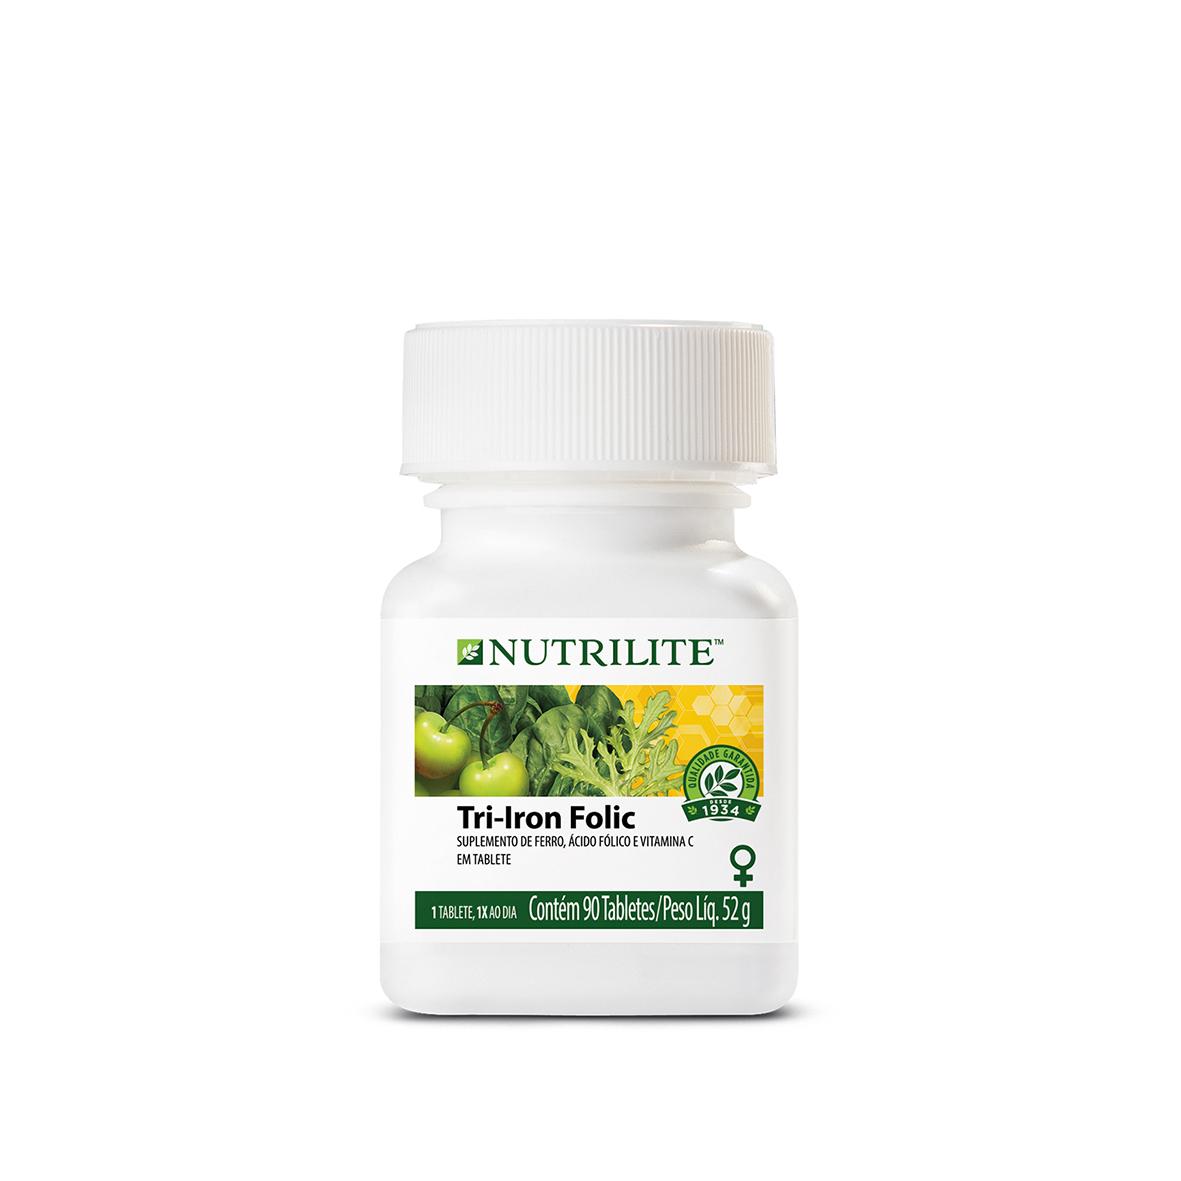 Tri-iron Folic - Nutrilite